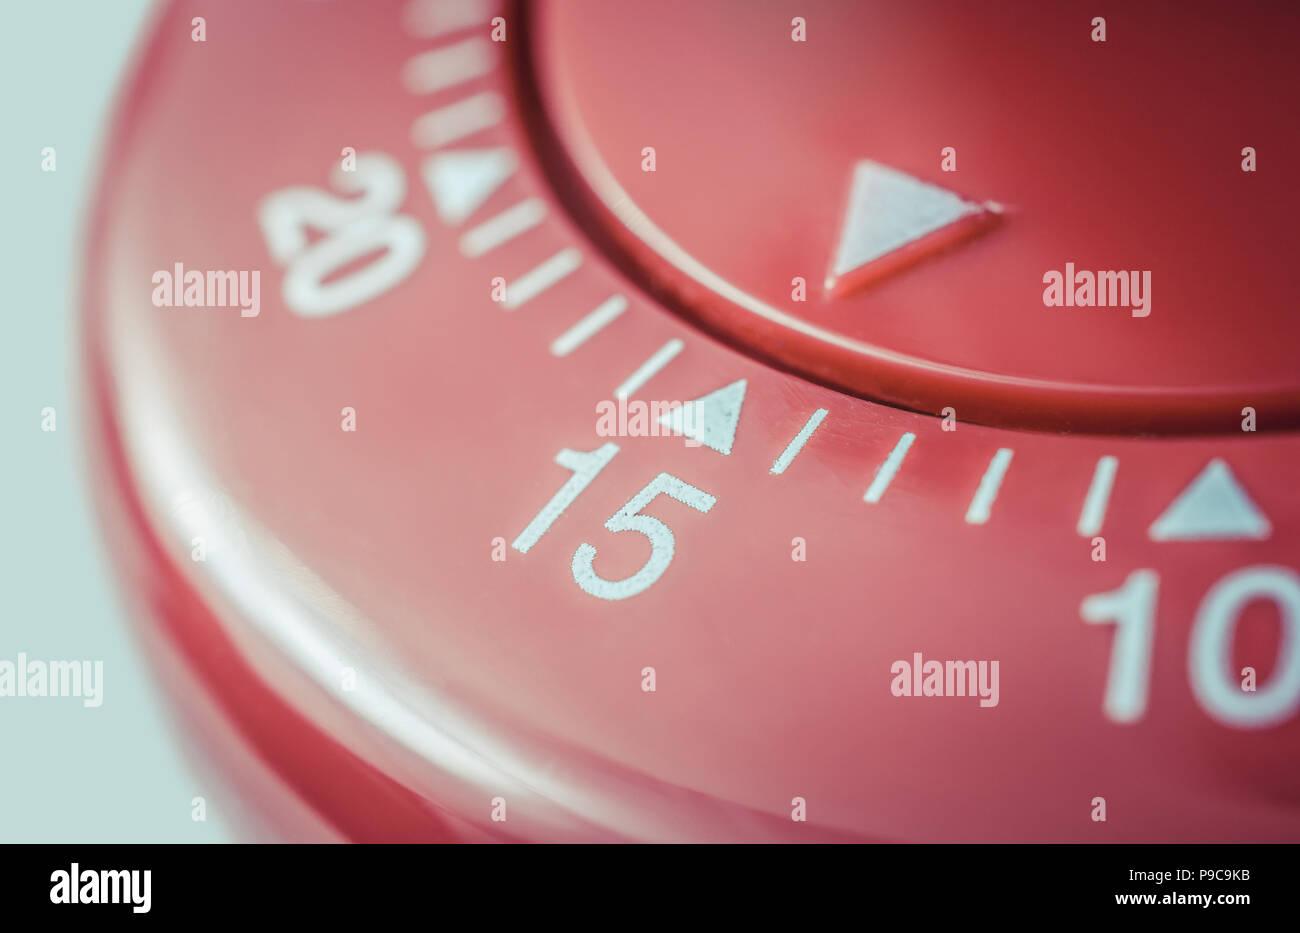 15 Minutes Clock Stock Photos & 15 Minutes Clock Stock Images - Alamy